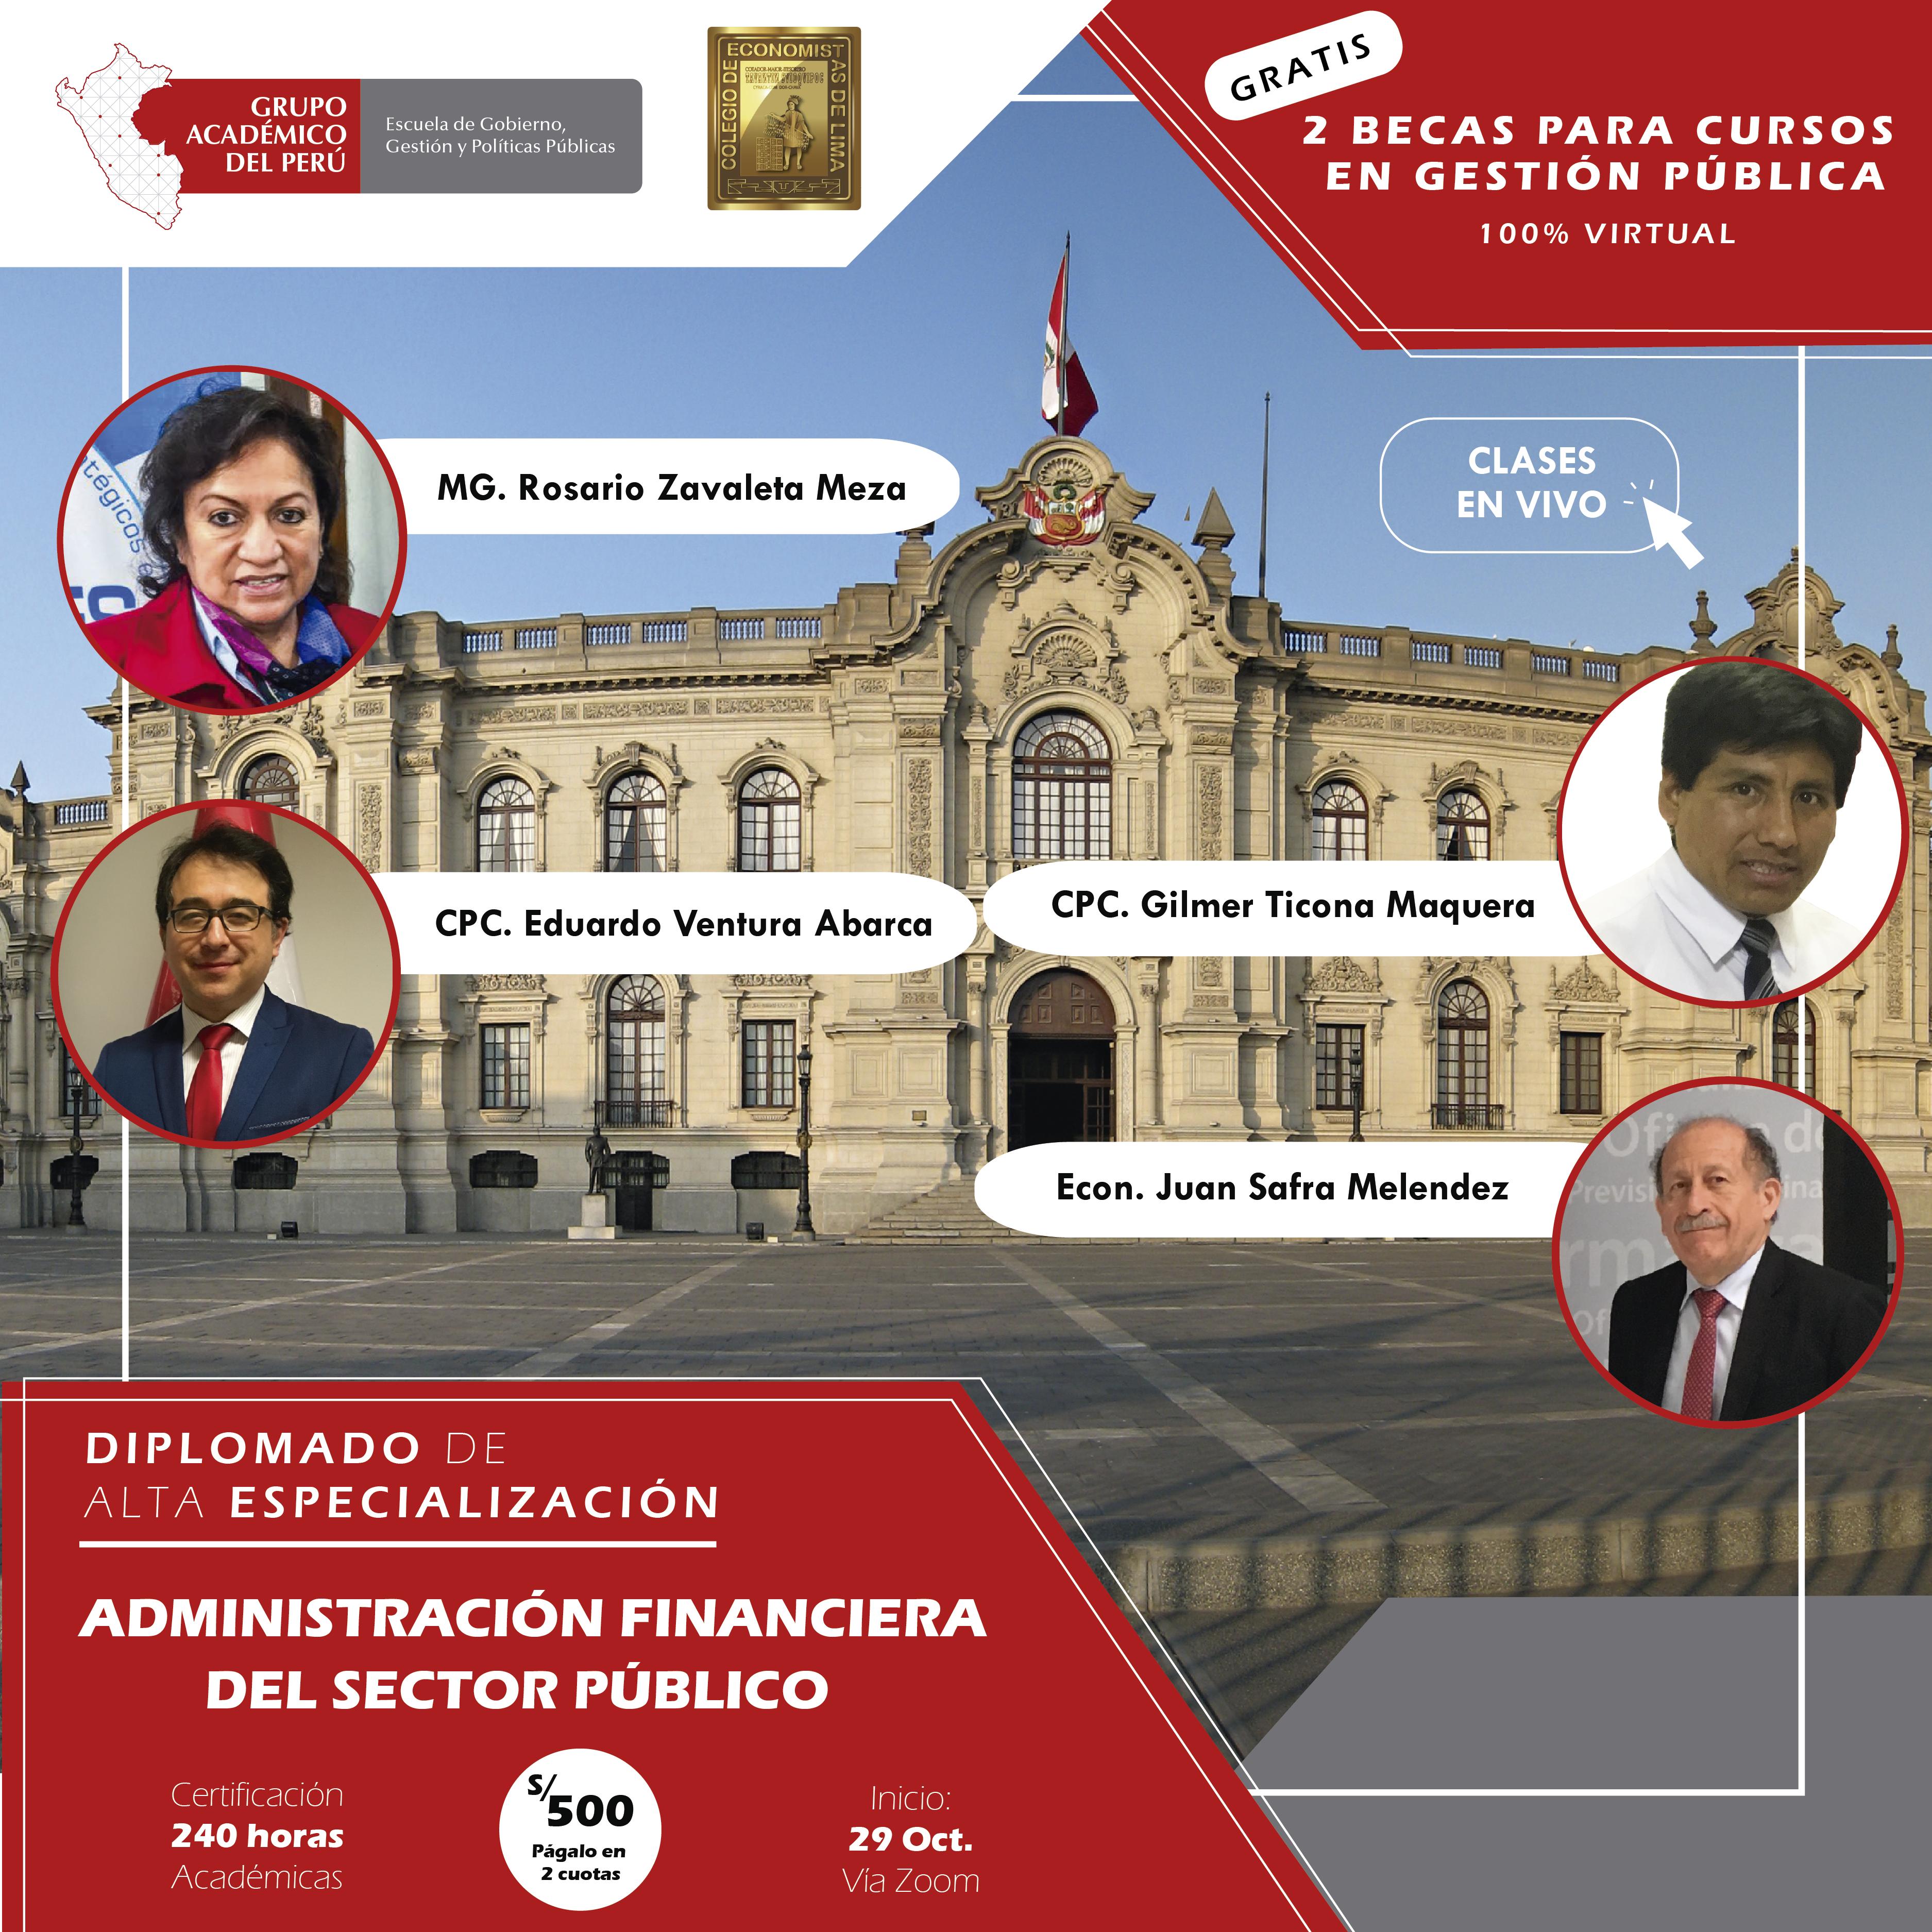 Administración Financiera del Sector Público